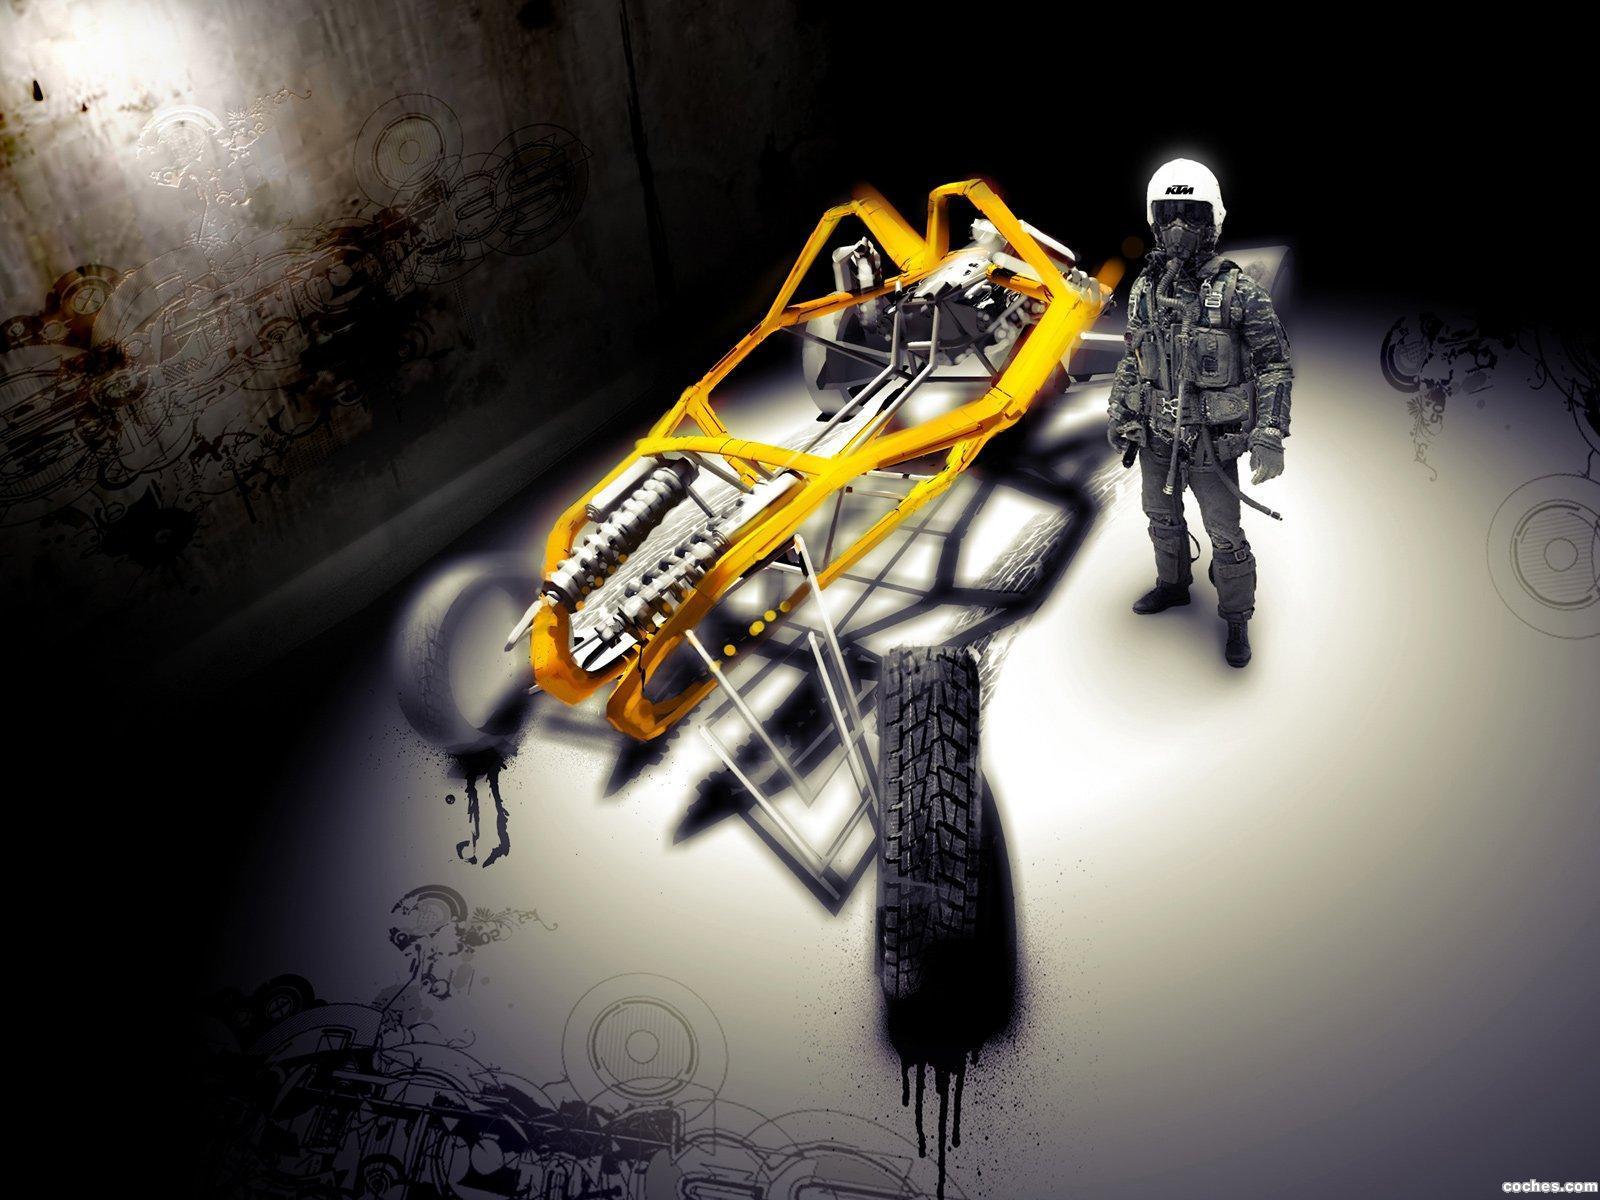 Foto 1 de KTM AX Concept 2009